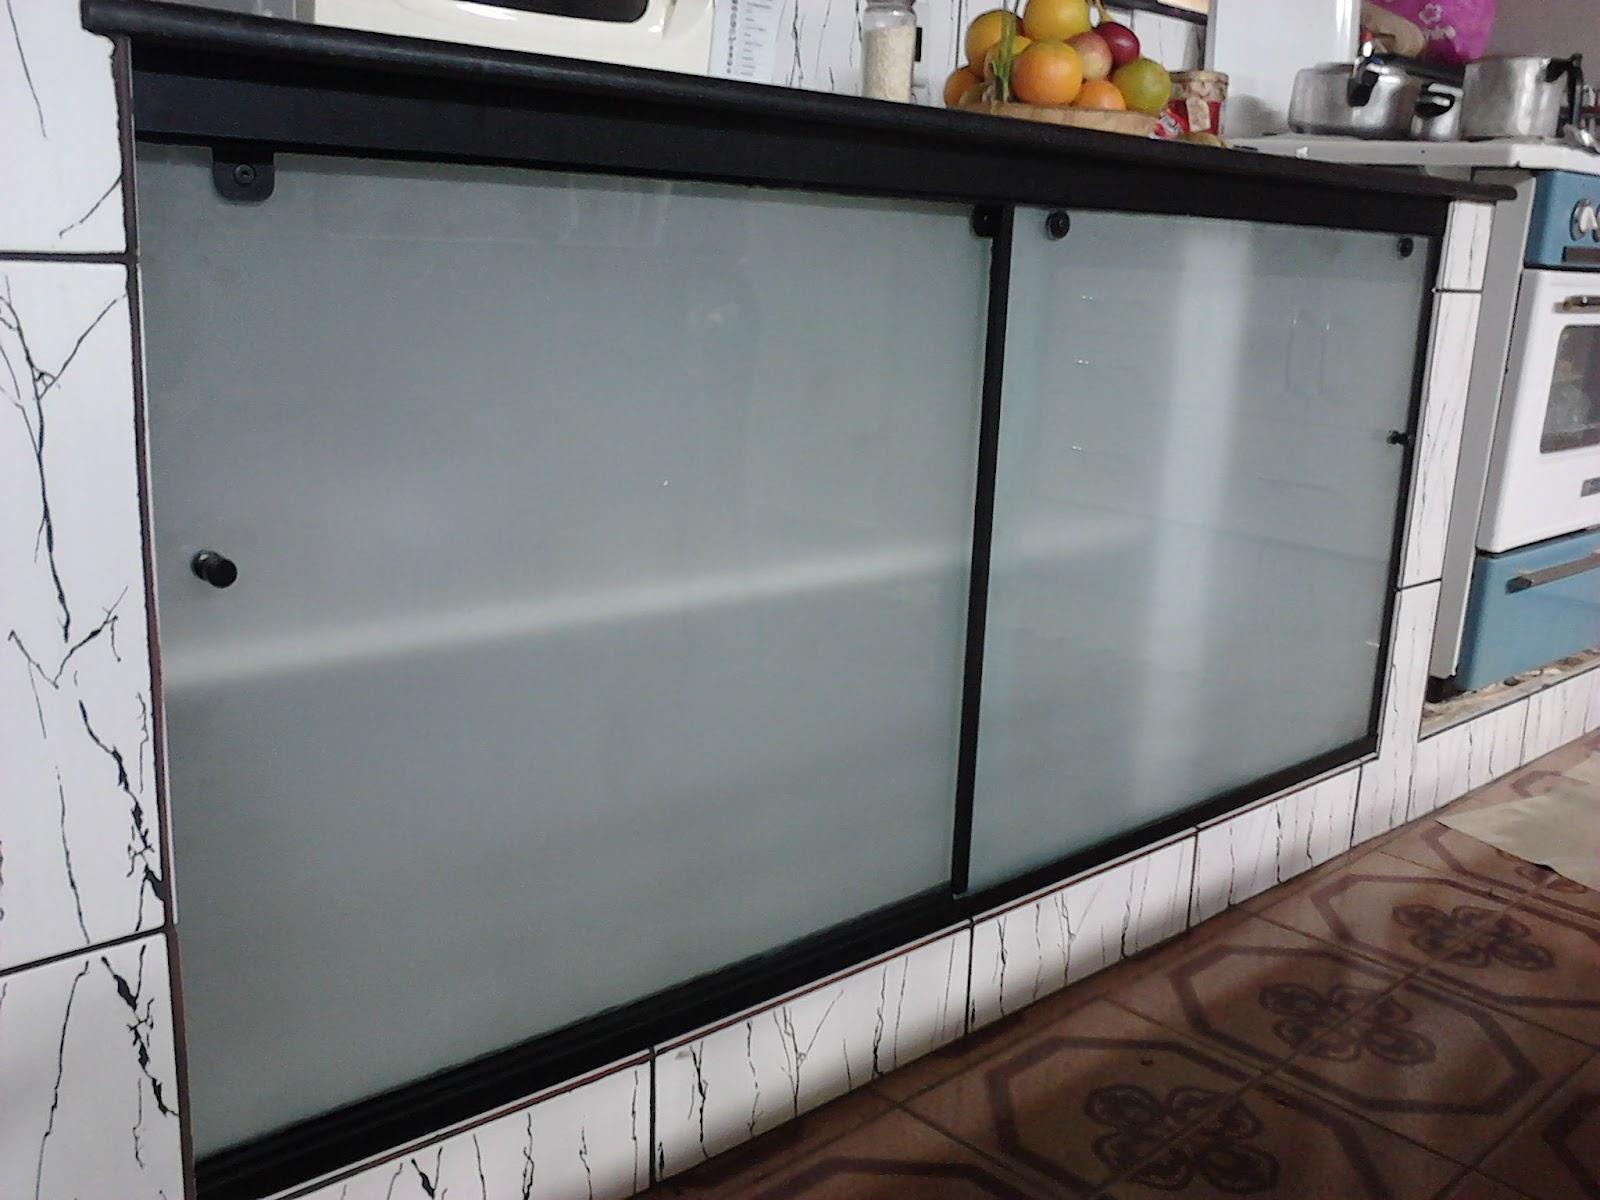 AF4 TEMPER VIDROS: Fechamento de pia com vidro jateado #7C6340 1600x1200 Banheiro Com Blindex Preto